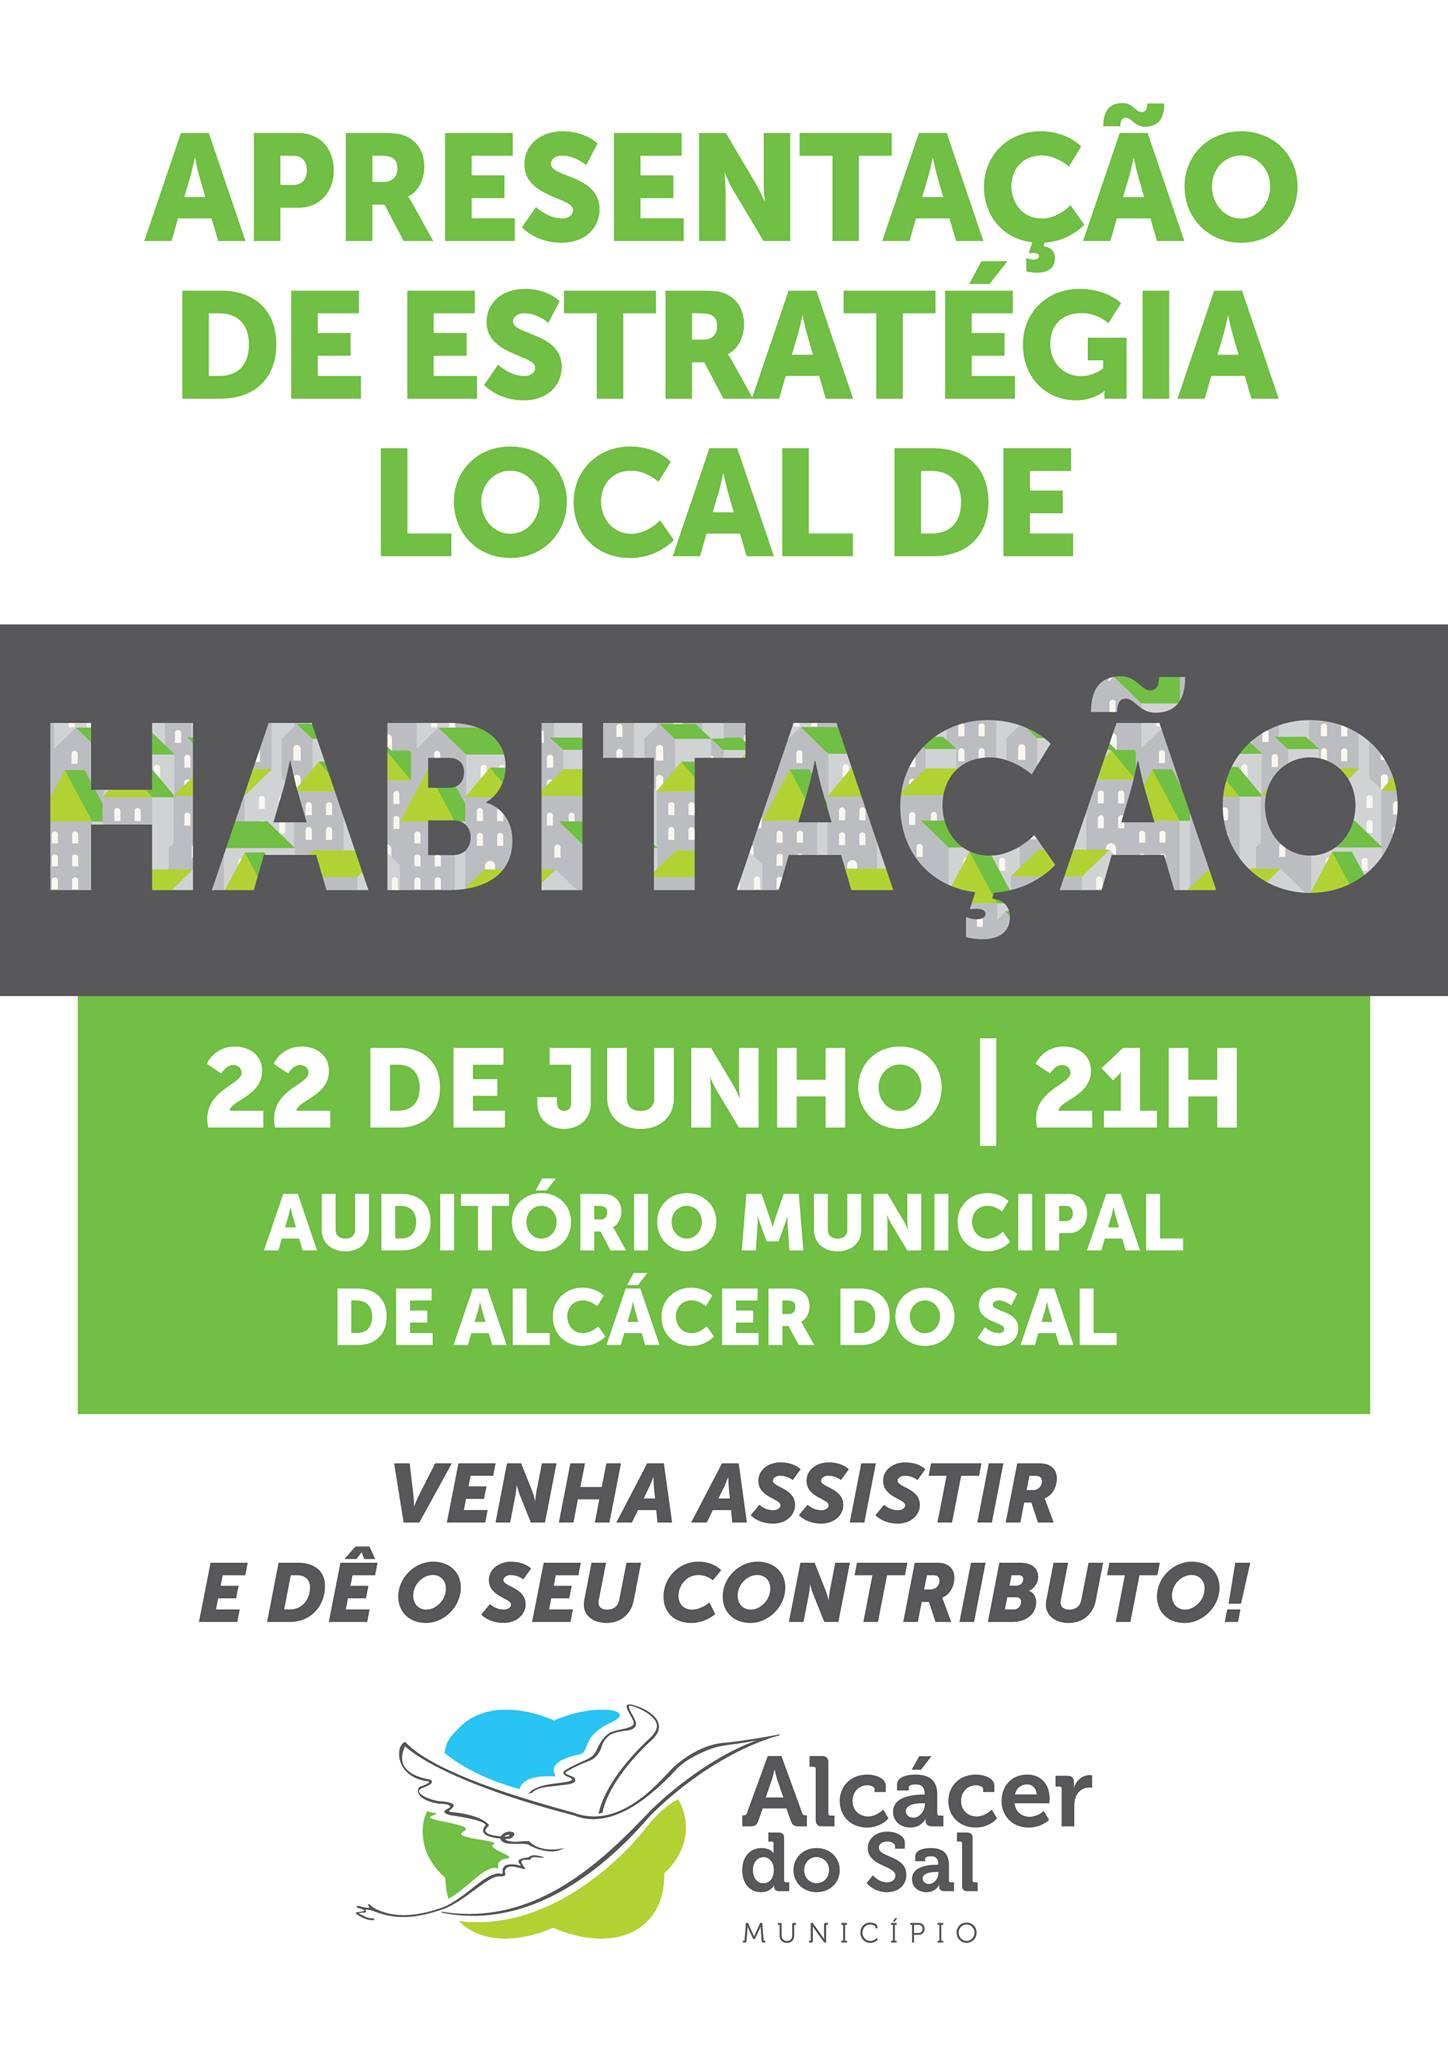 Apresentação pública de Estratégia Local de Habitação